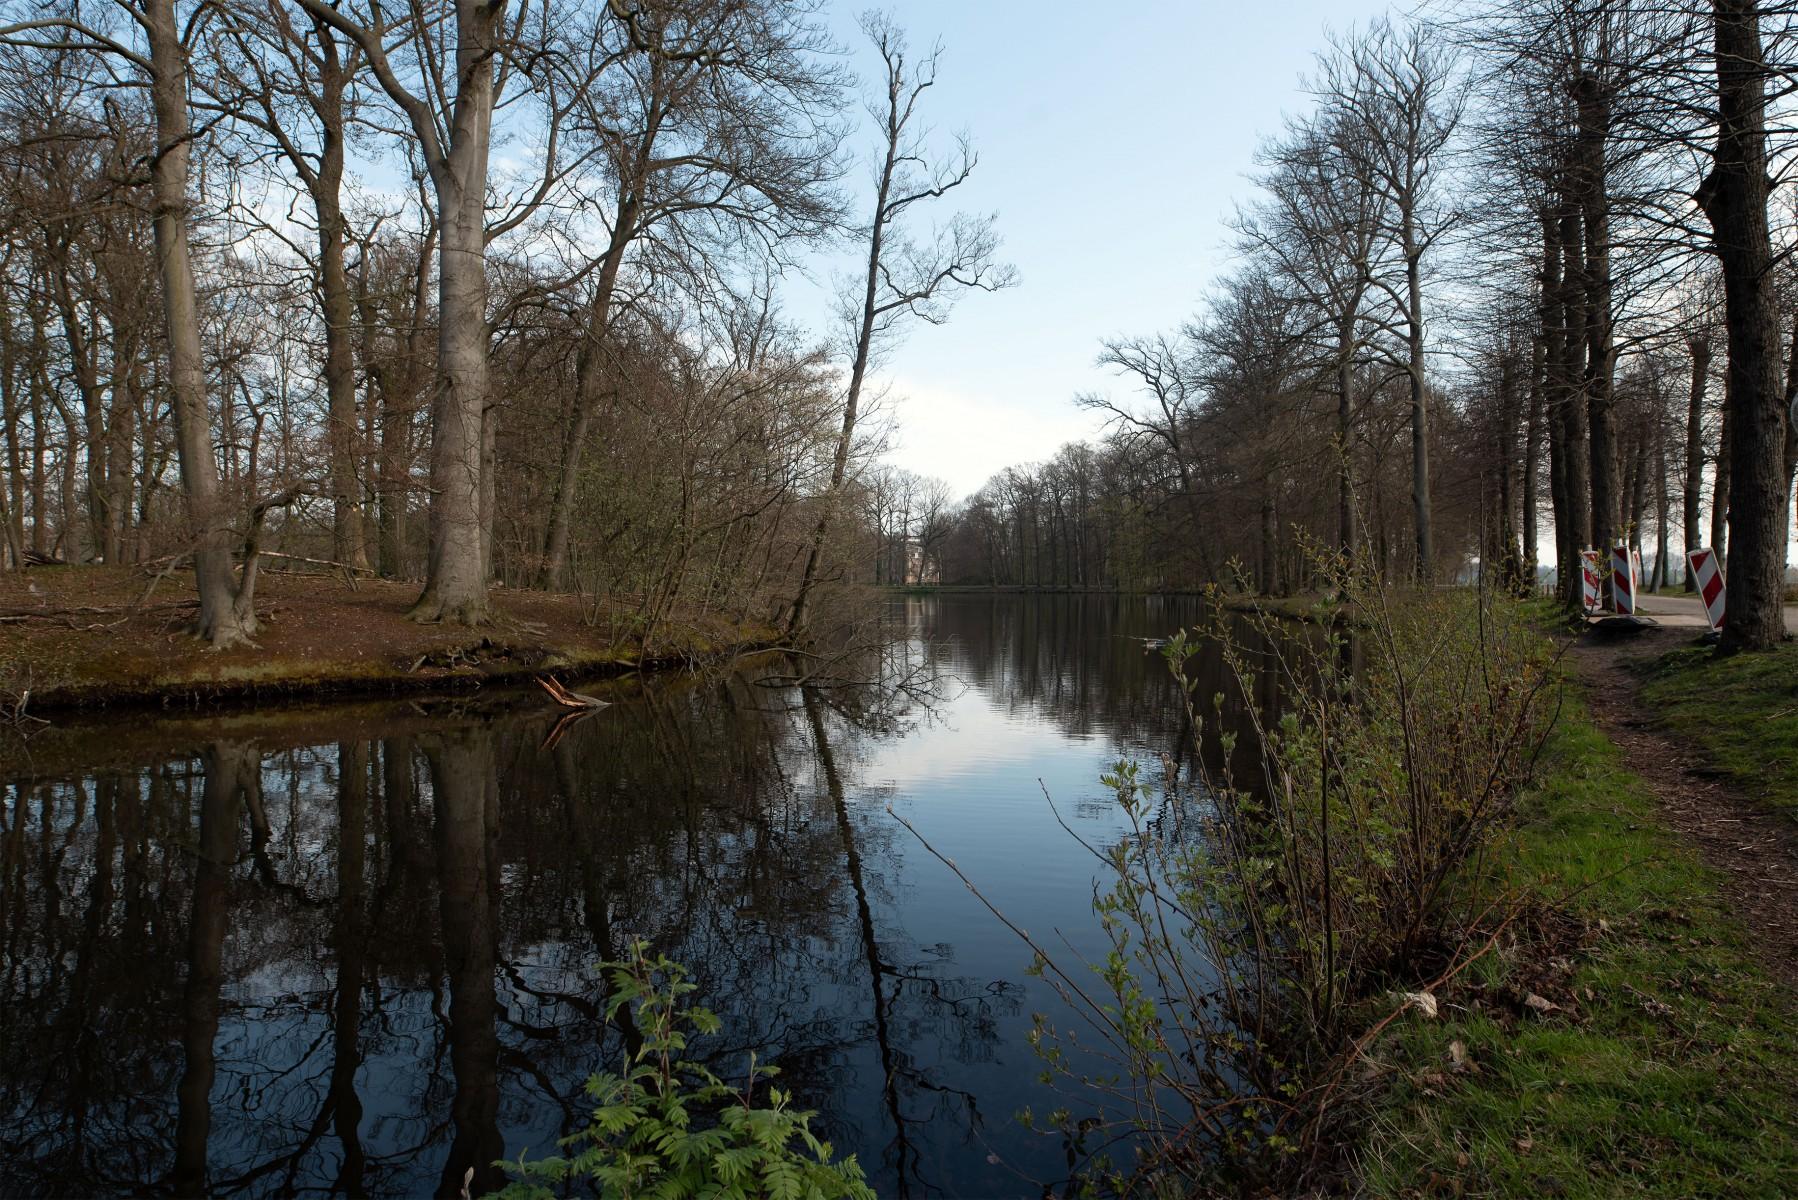 Ab van der Meij-Landgoed Biljoen